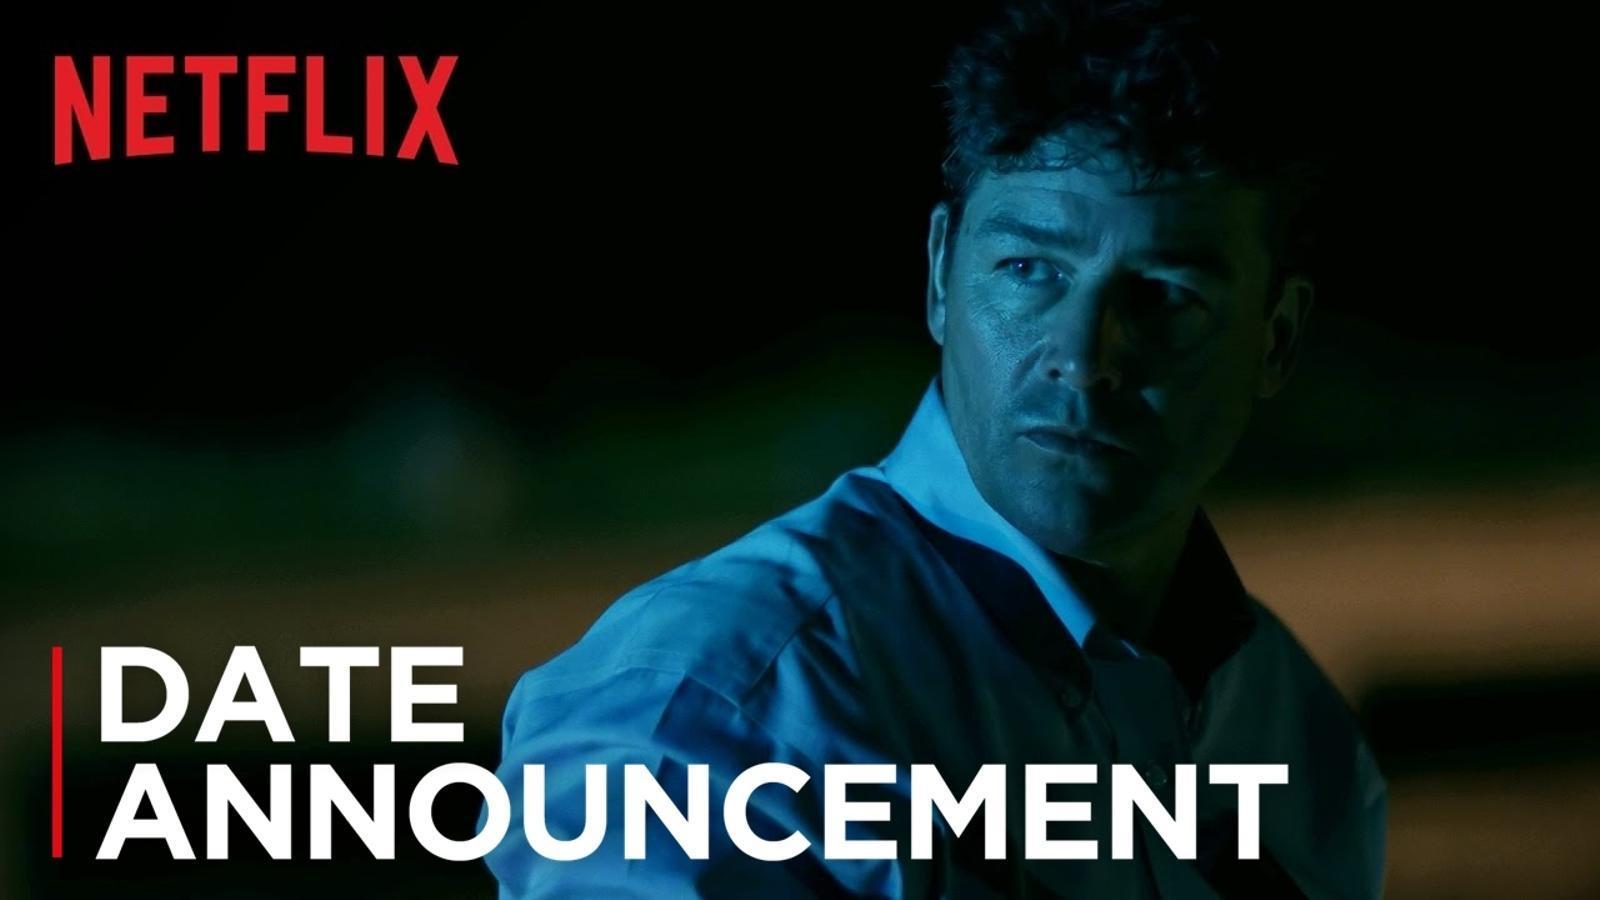 L'última temporada de 'Bloodline' s'estrenarà aNetflix el 26 de maig